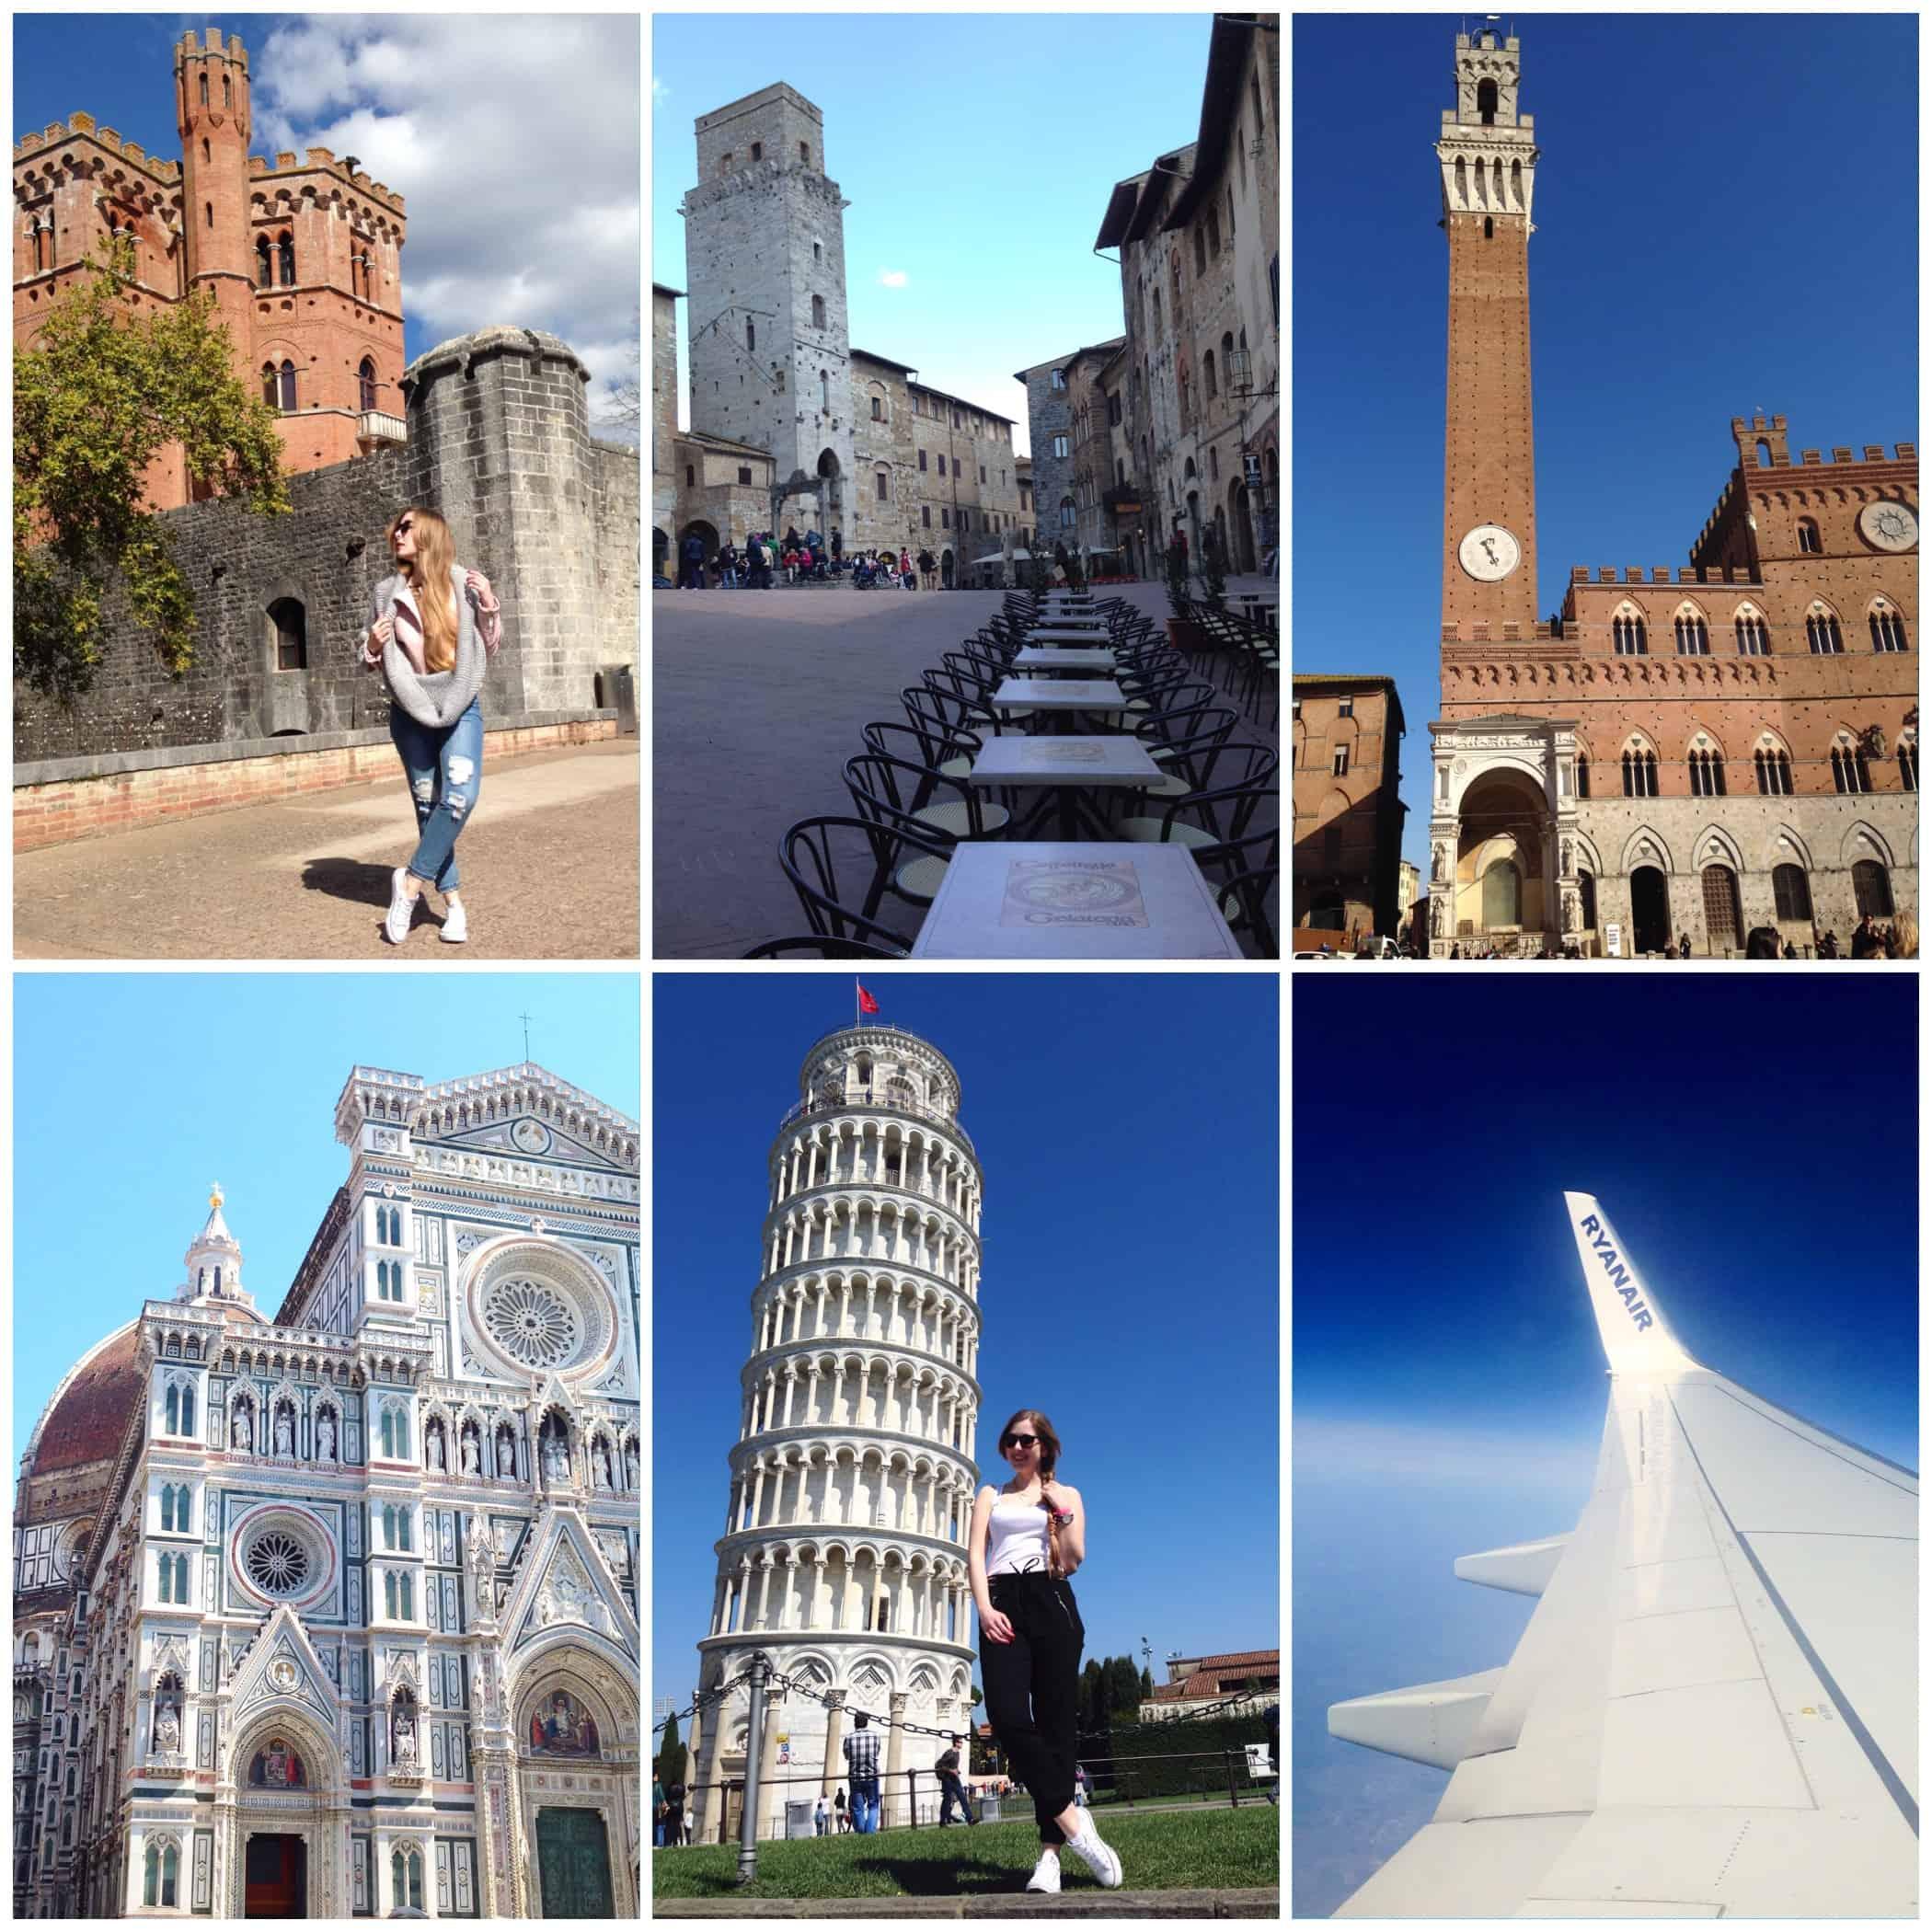 Jak tanio zorganizować podróż po Toskanii